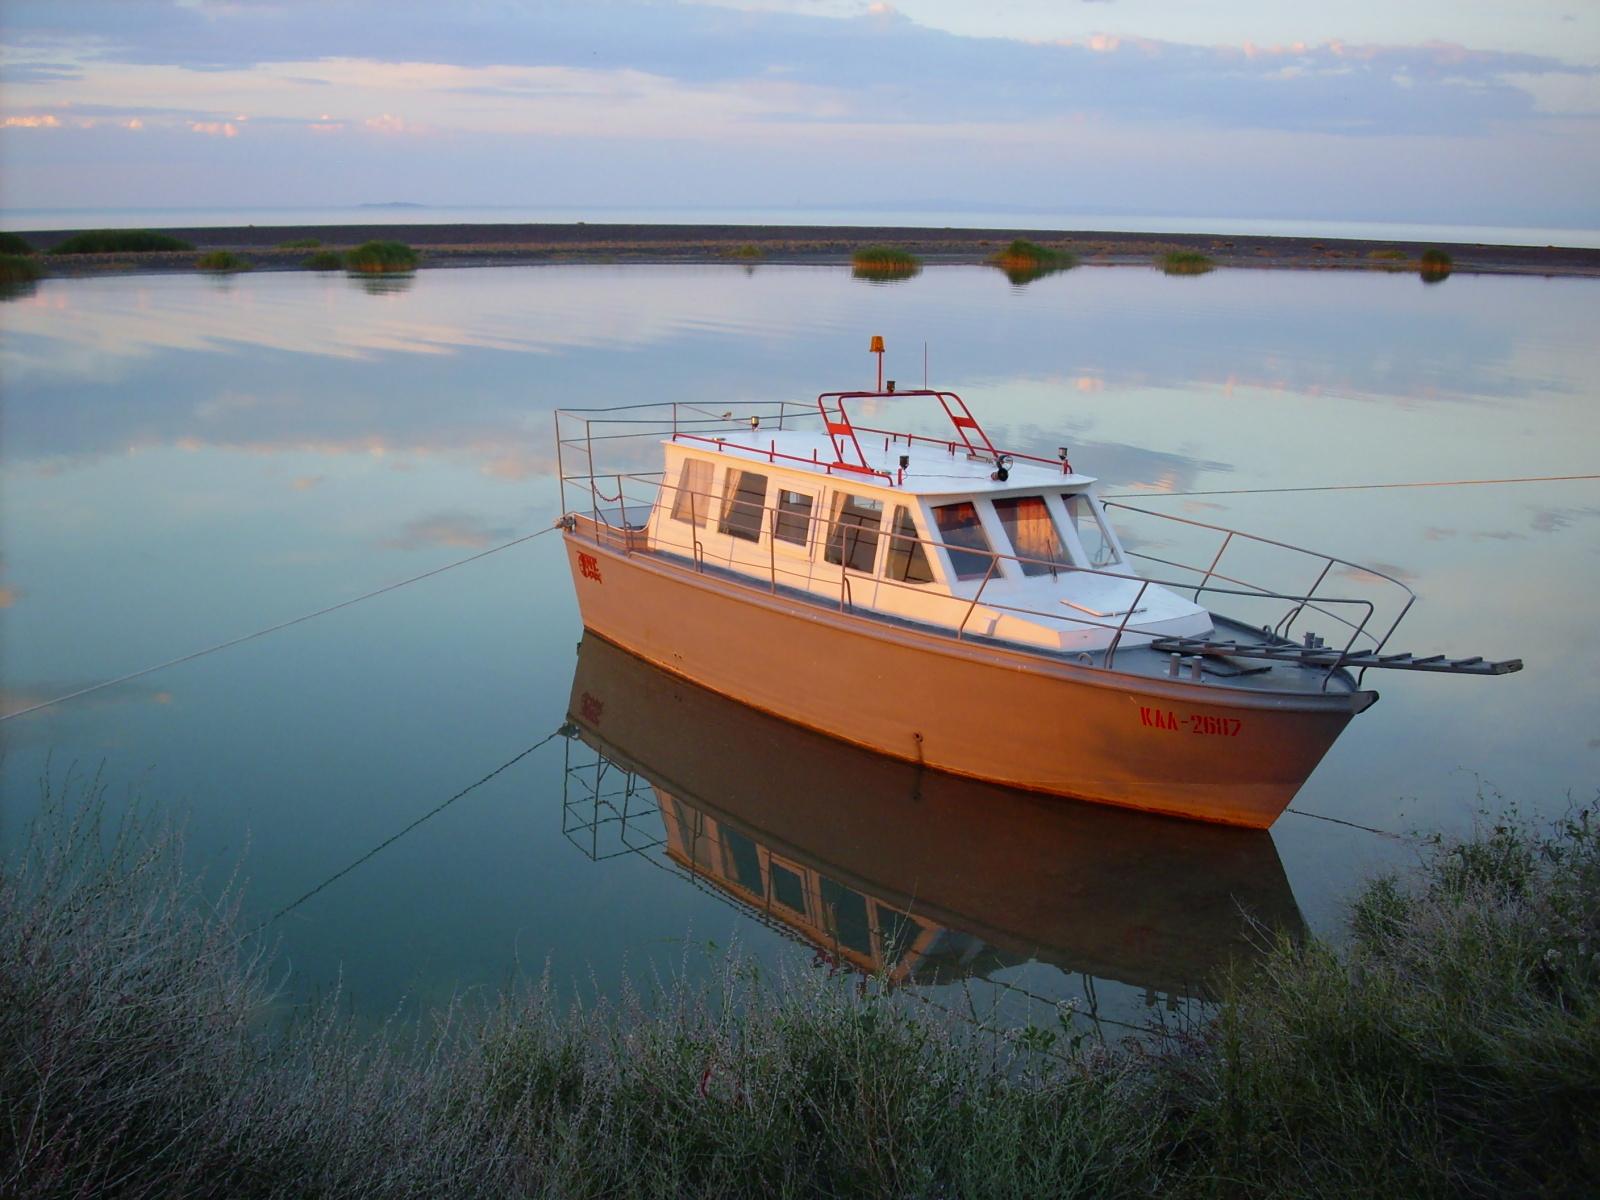 Boat near the shore photo